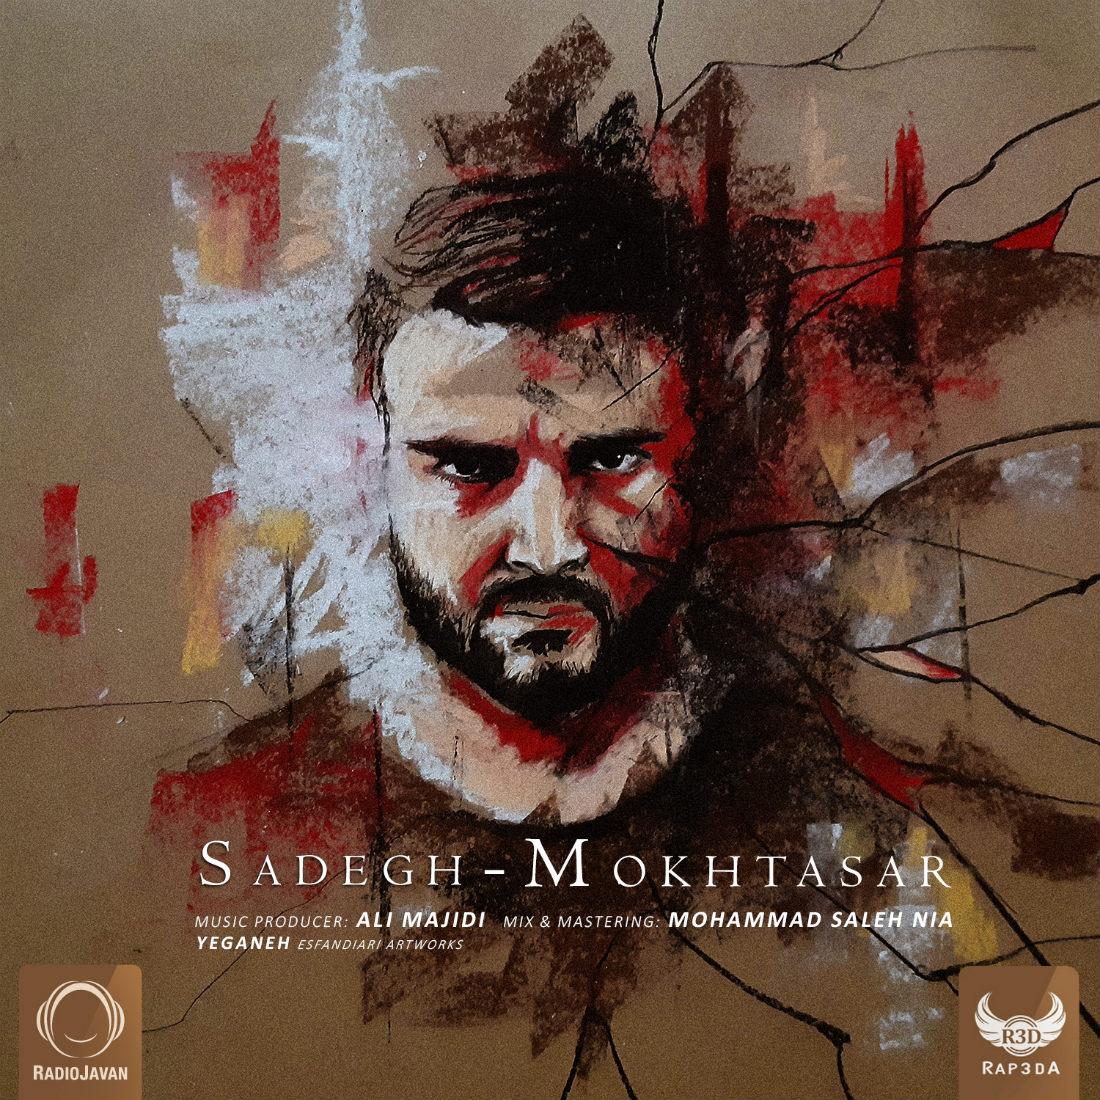 Sadegh - Mokhtasar